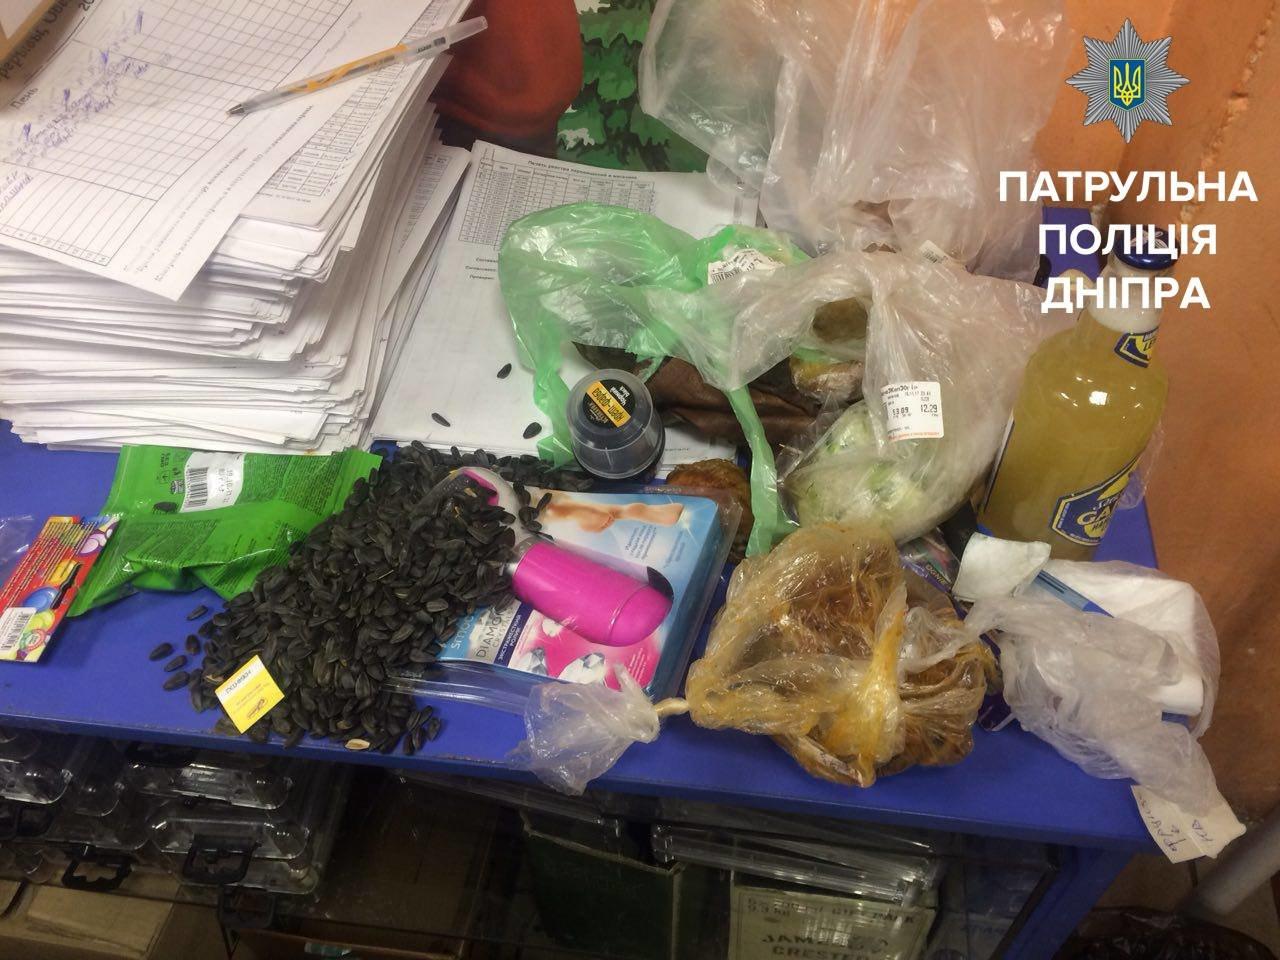 Смертельно болен: в Днепре мужчина съел продукты прямо в супермаркете  (ФОТО), фото-2